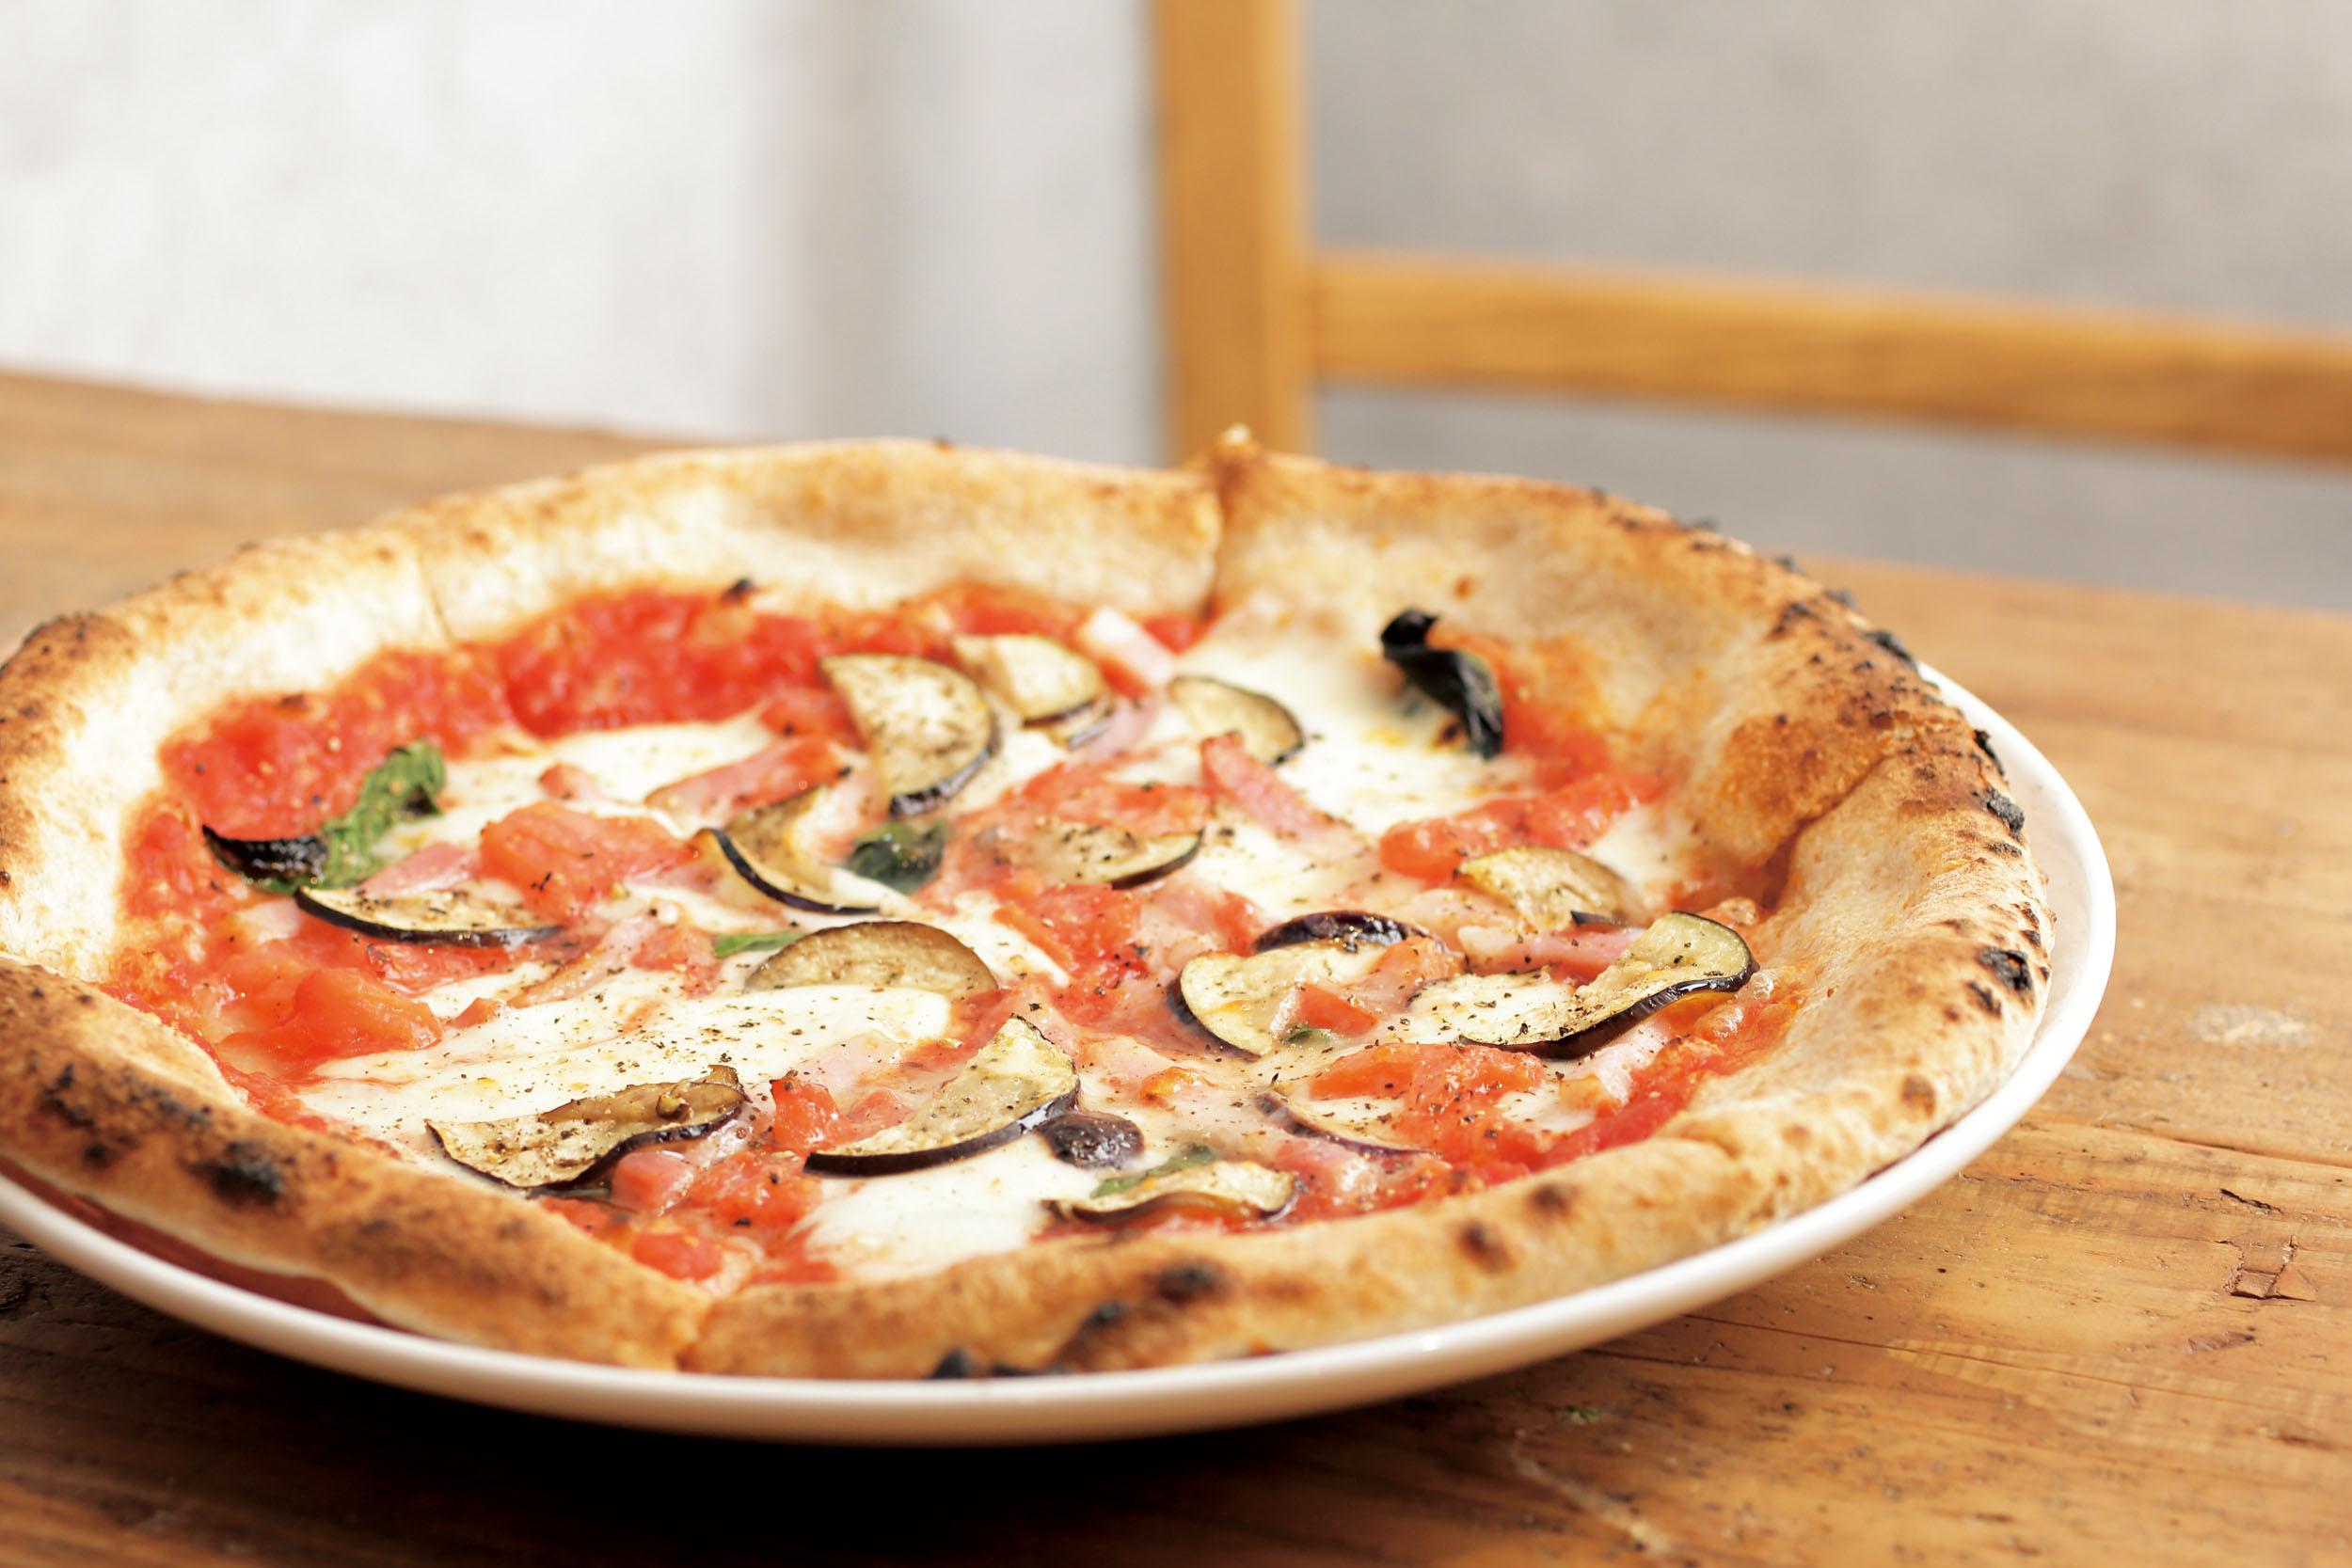 トマトとナスのピッツァ1540円<br /> 野菜をたくさん食べてほしいという店主の思いが詰まった一枚。さっぱりとしたトマトソースの上にナスを散りばめた、クセになる味わい。